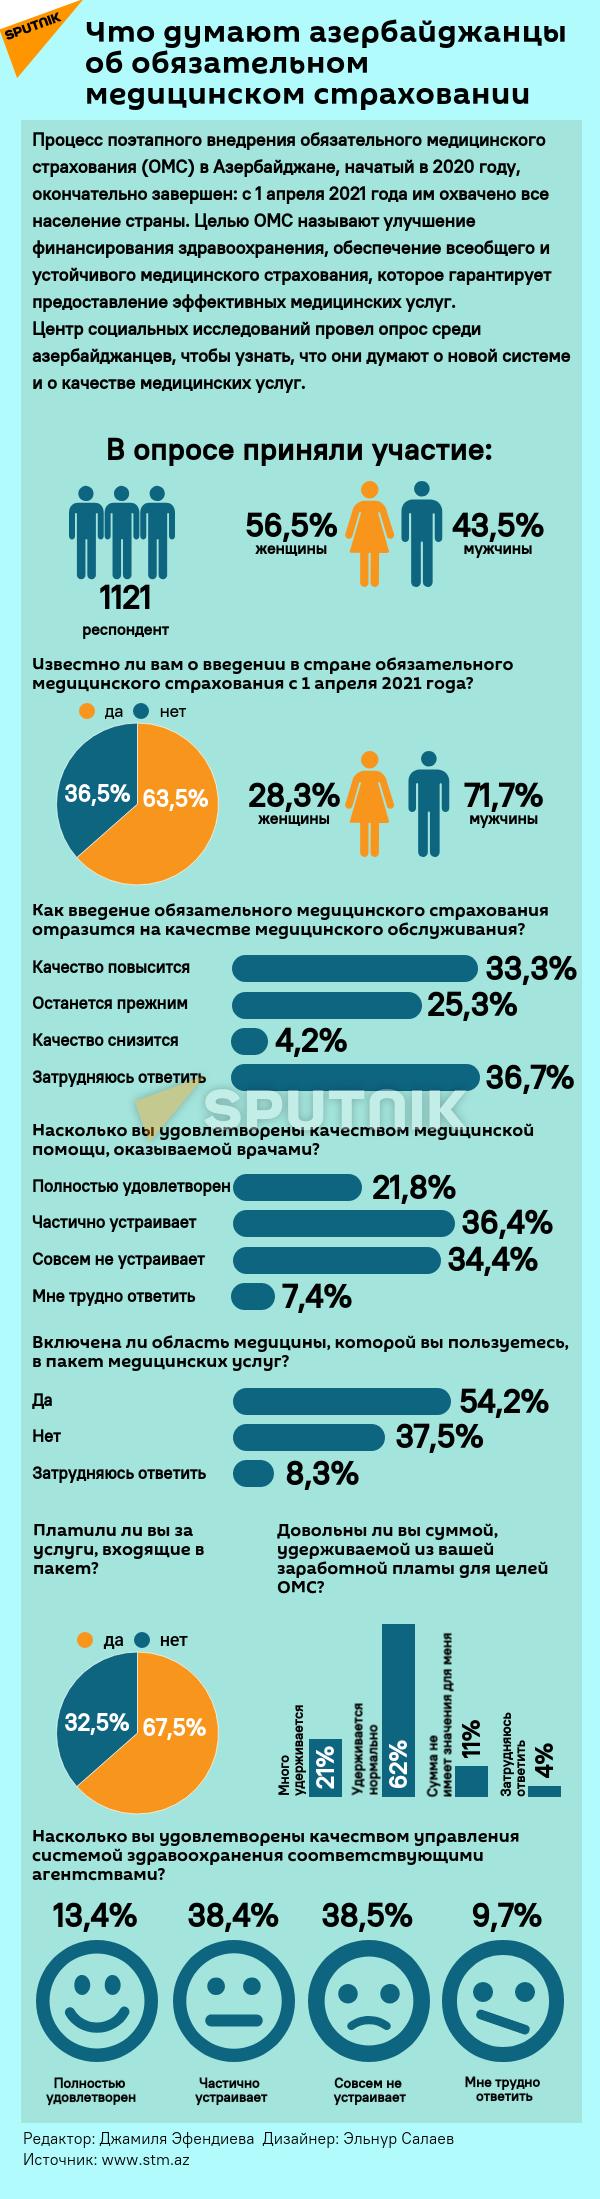 Инфографика: Что думают азербайджанцы об обязательном медицинском страховании? - Sputnik Азербайджан, 1920, 22.09.2021